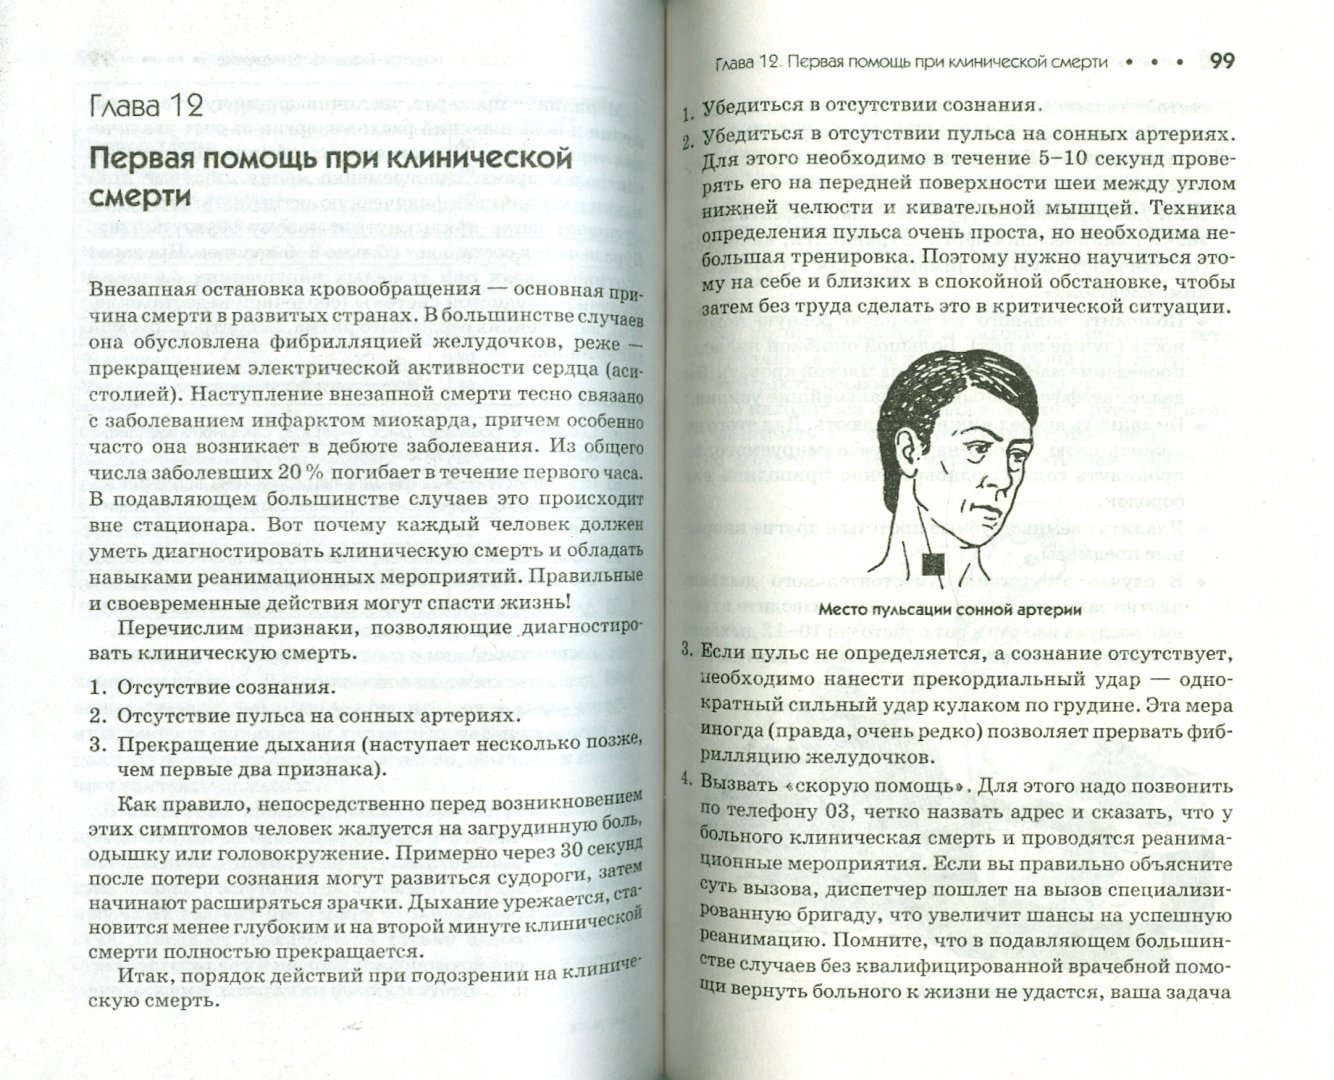 Иллюстрация 1 из 15 для Заболевания сердца и сосудов. Профилактика и лечение - Константин Крулев | Лабиринт - книги. Источник: Лабиринт